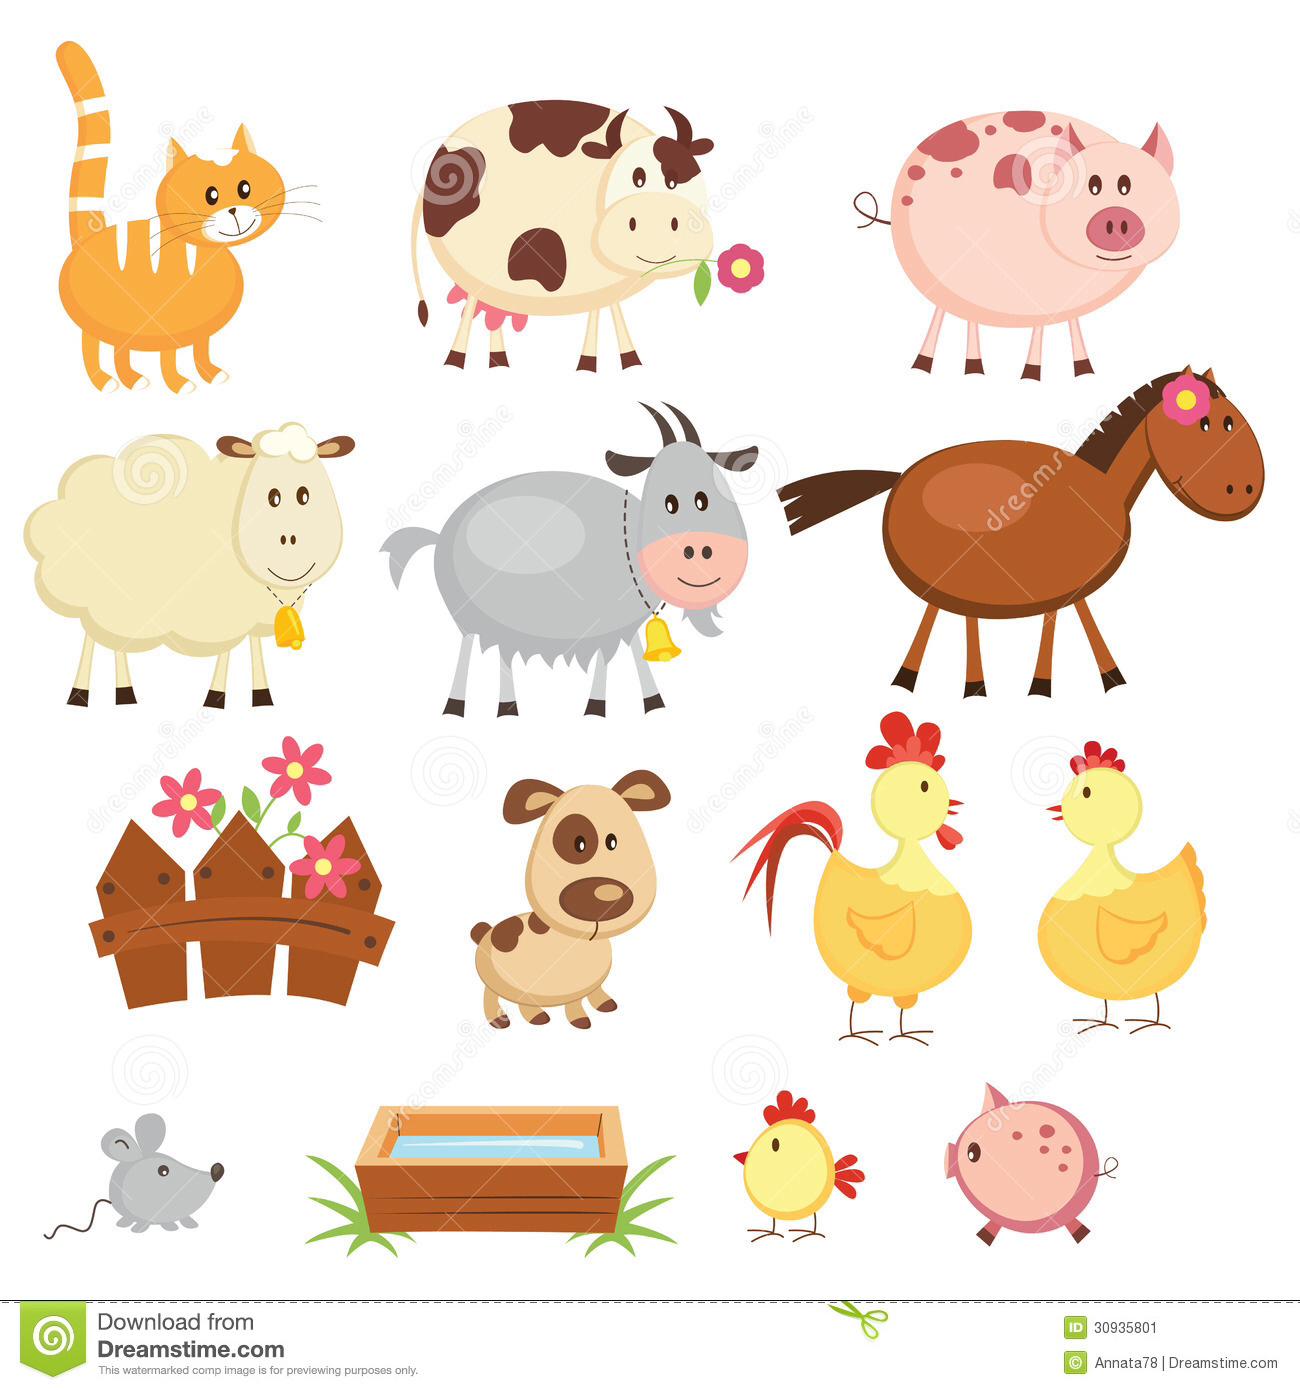 Farm Animals Clip Art Pinterest-Farm Animals Clip Art Pinterest-4